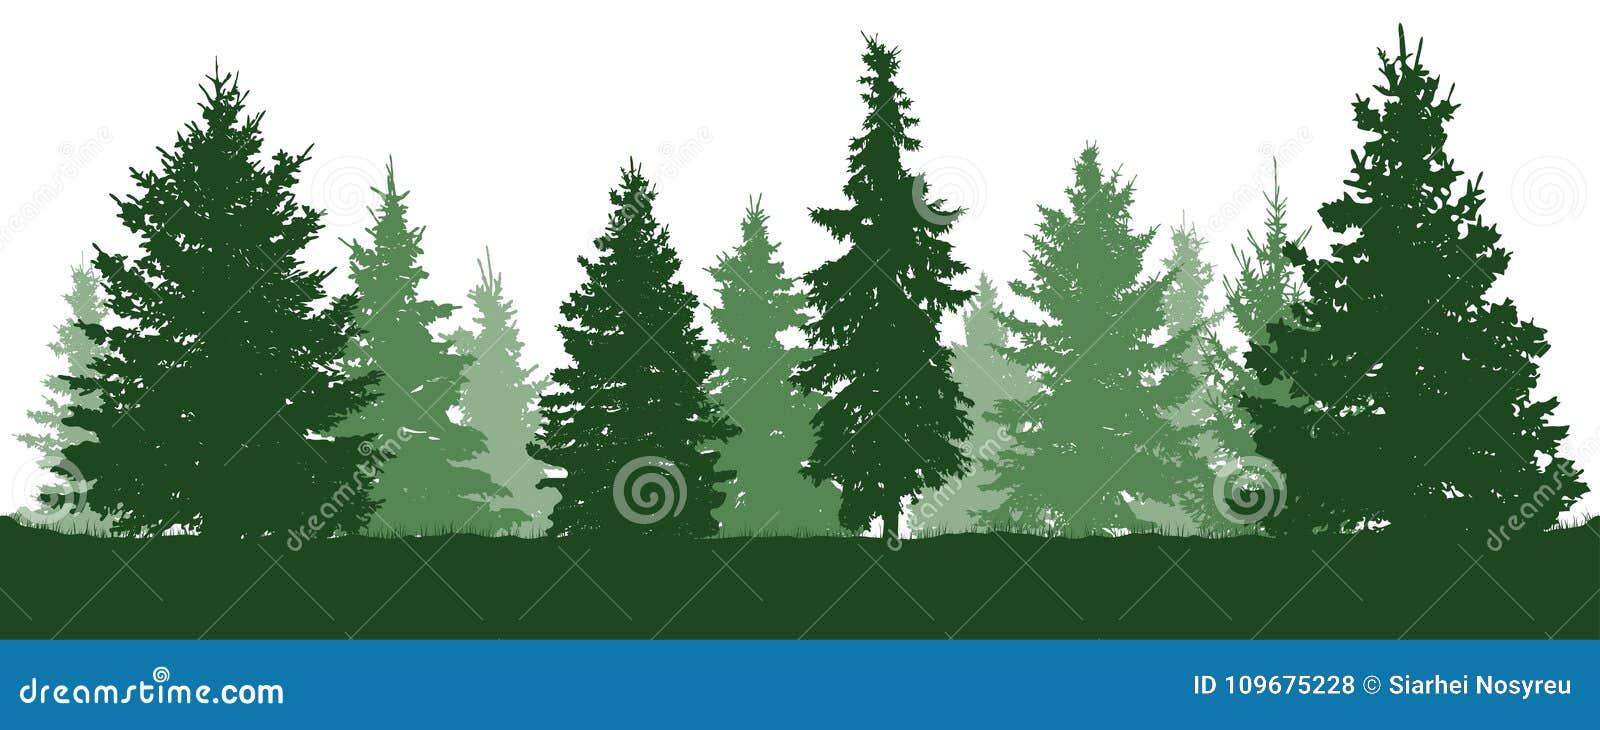 Silueta de los abetos del bosque Picea verde conífera Vector en el fondo blanco